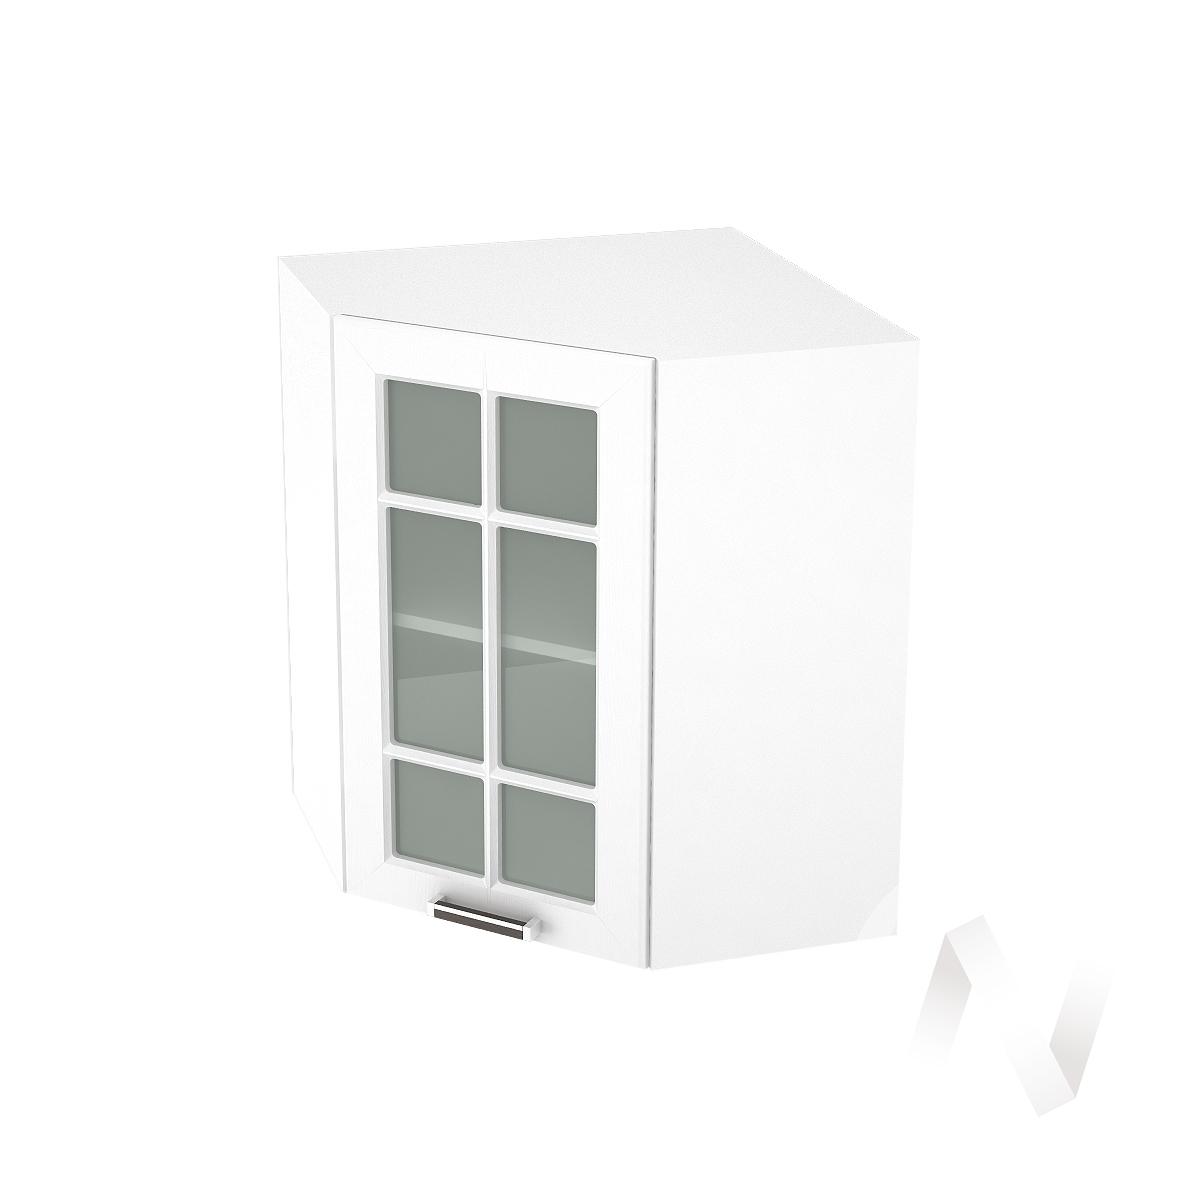 """Кухня """"Прага"""": Шкаф верхний угловой со стеклом 590, ШВУС 590 (белое дерево/корпус белый)"""